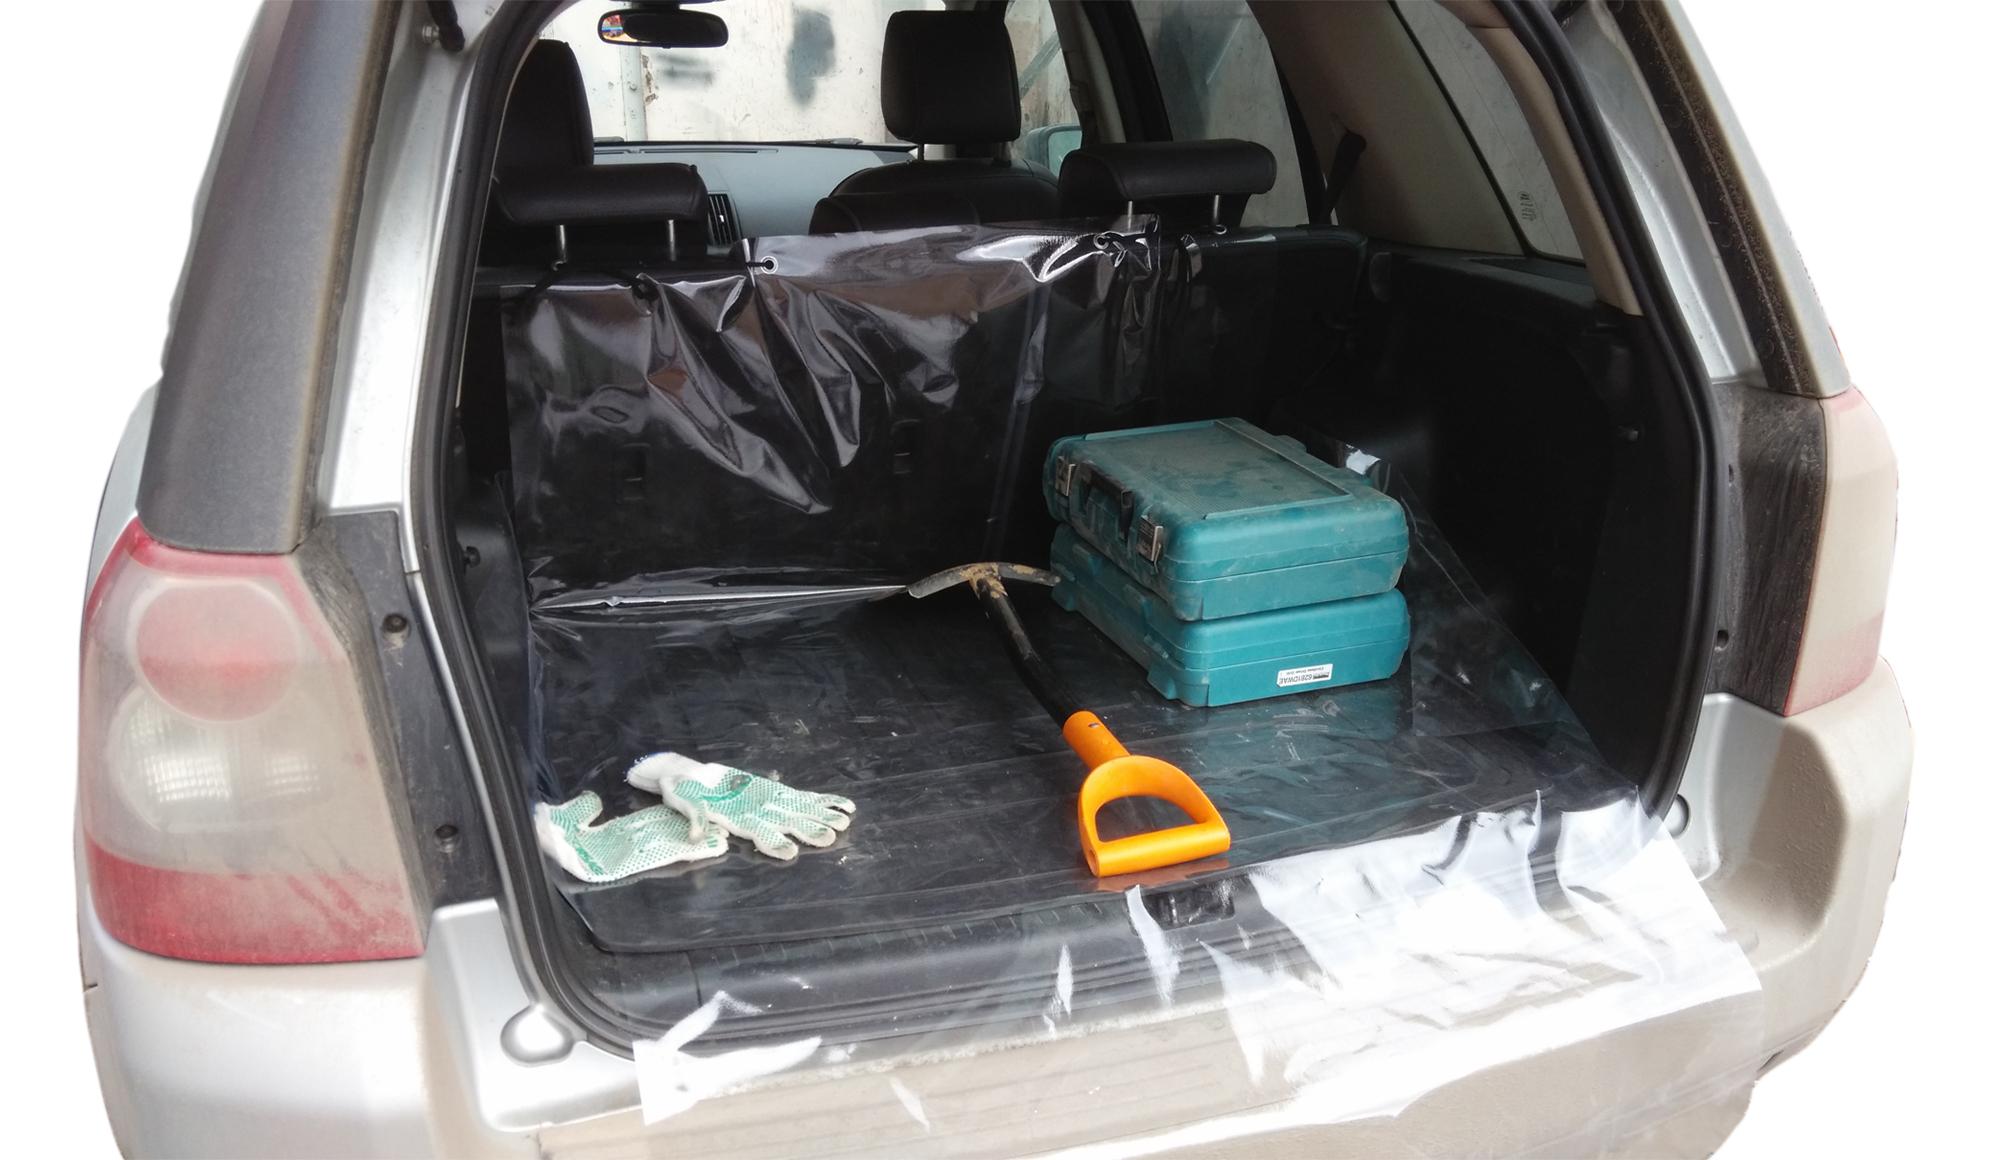 Накидка защитная Оранжевый слоник Свежесть, в багажник, 100 х 125 х 50 смDEF0005TRНакидка Свежесть изготовлена из прочного водонепроницаемого материала. Защищает дно, боковые стенки багажника и спинки задних сидений от грязи и повреждений. Дополнительная накидка защитит бампер от царапин во время загрузки. Накидка быстро и легко одевается, не мешает откидыванию задних сидений. Подходит для большинства кроссоверов и универсалов.